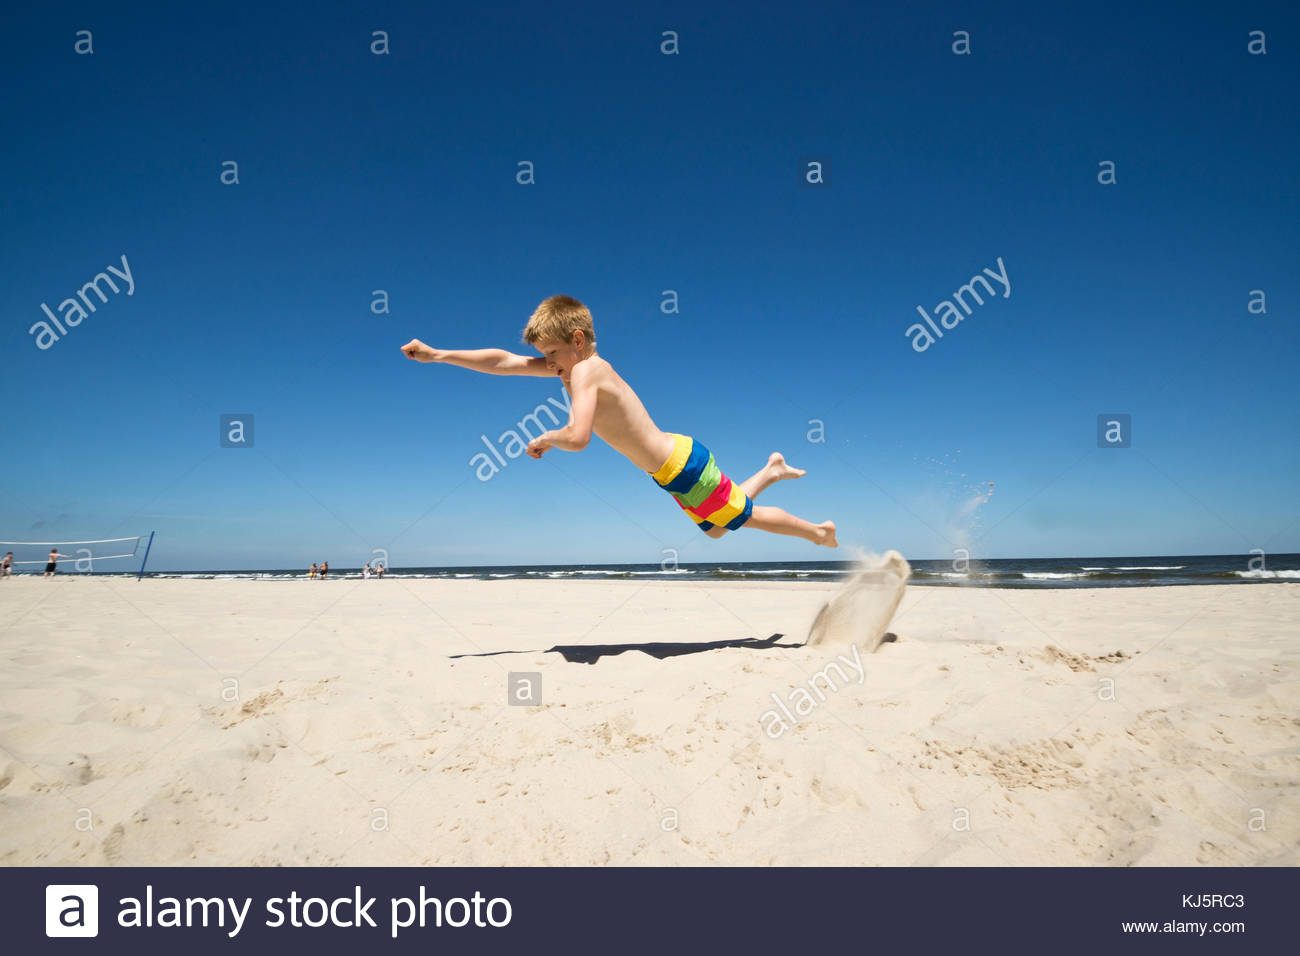 Jeune garçon sautant sur le sable Photo Stock